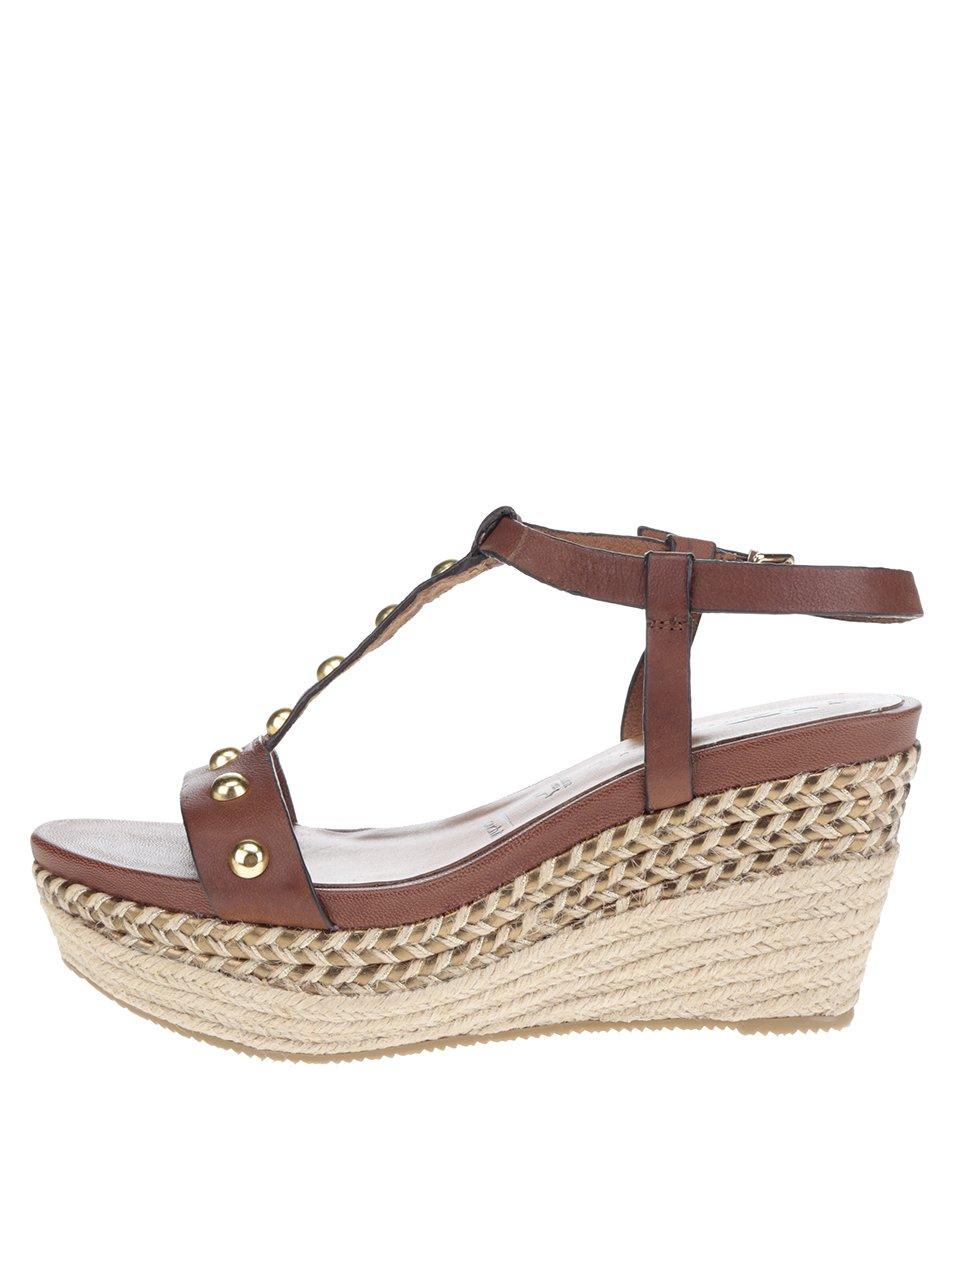 Hnedé remienkové kožené sandále na platforme Tamaris  98d16351b9f